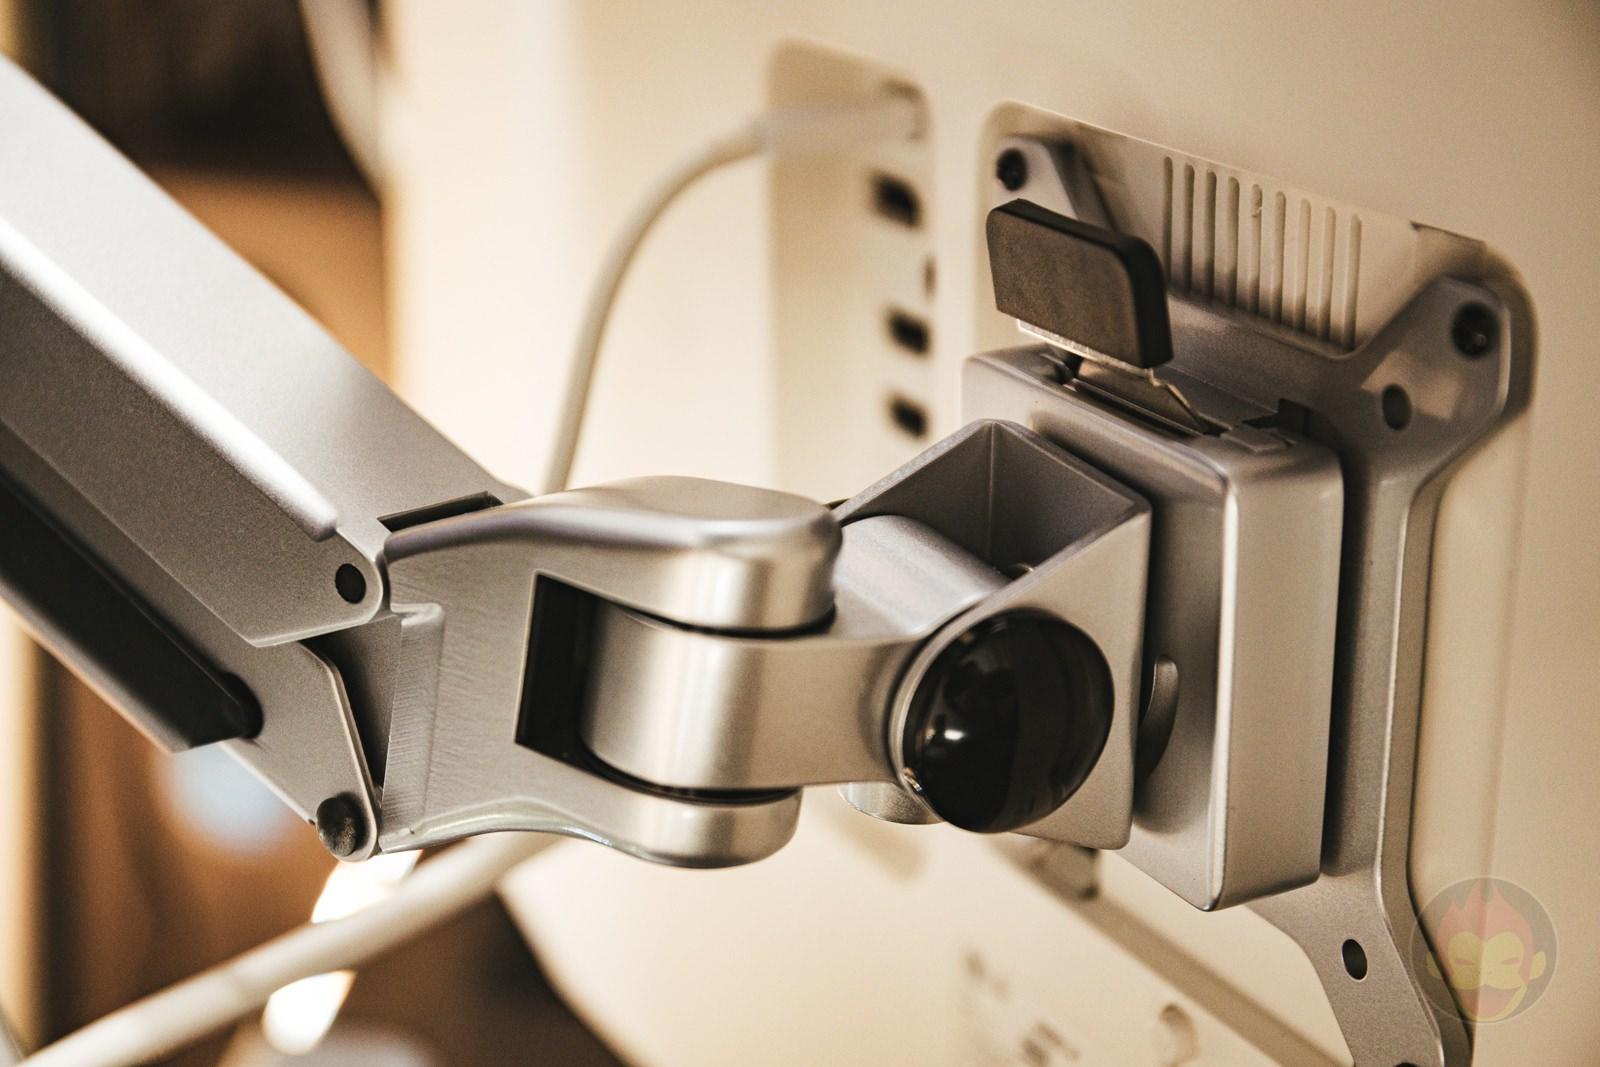 Sanwa Supply Monitor Arm Review 06